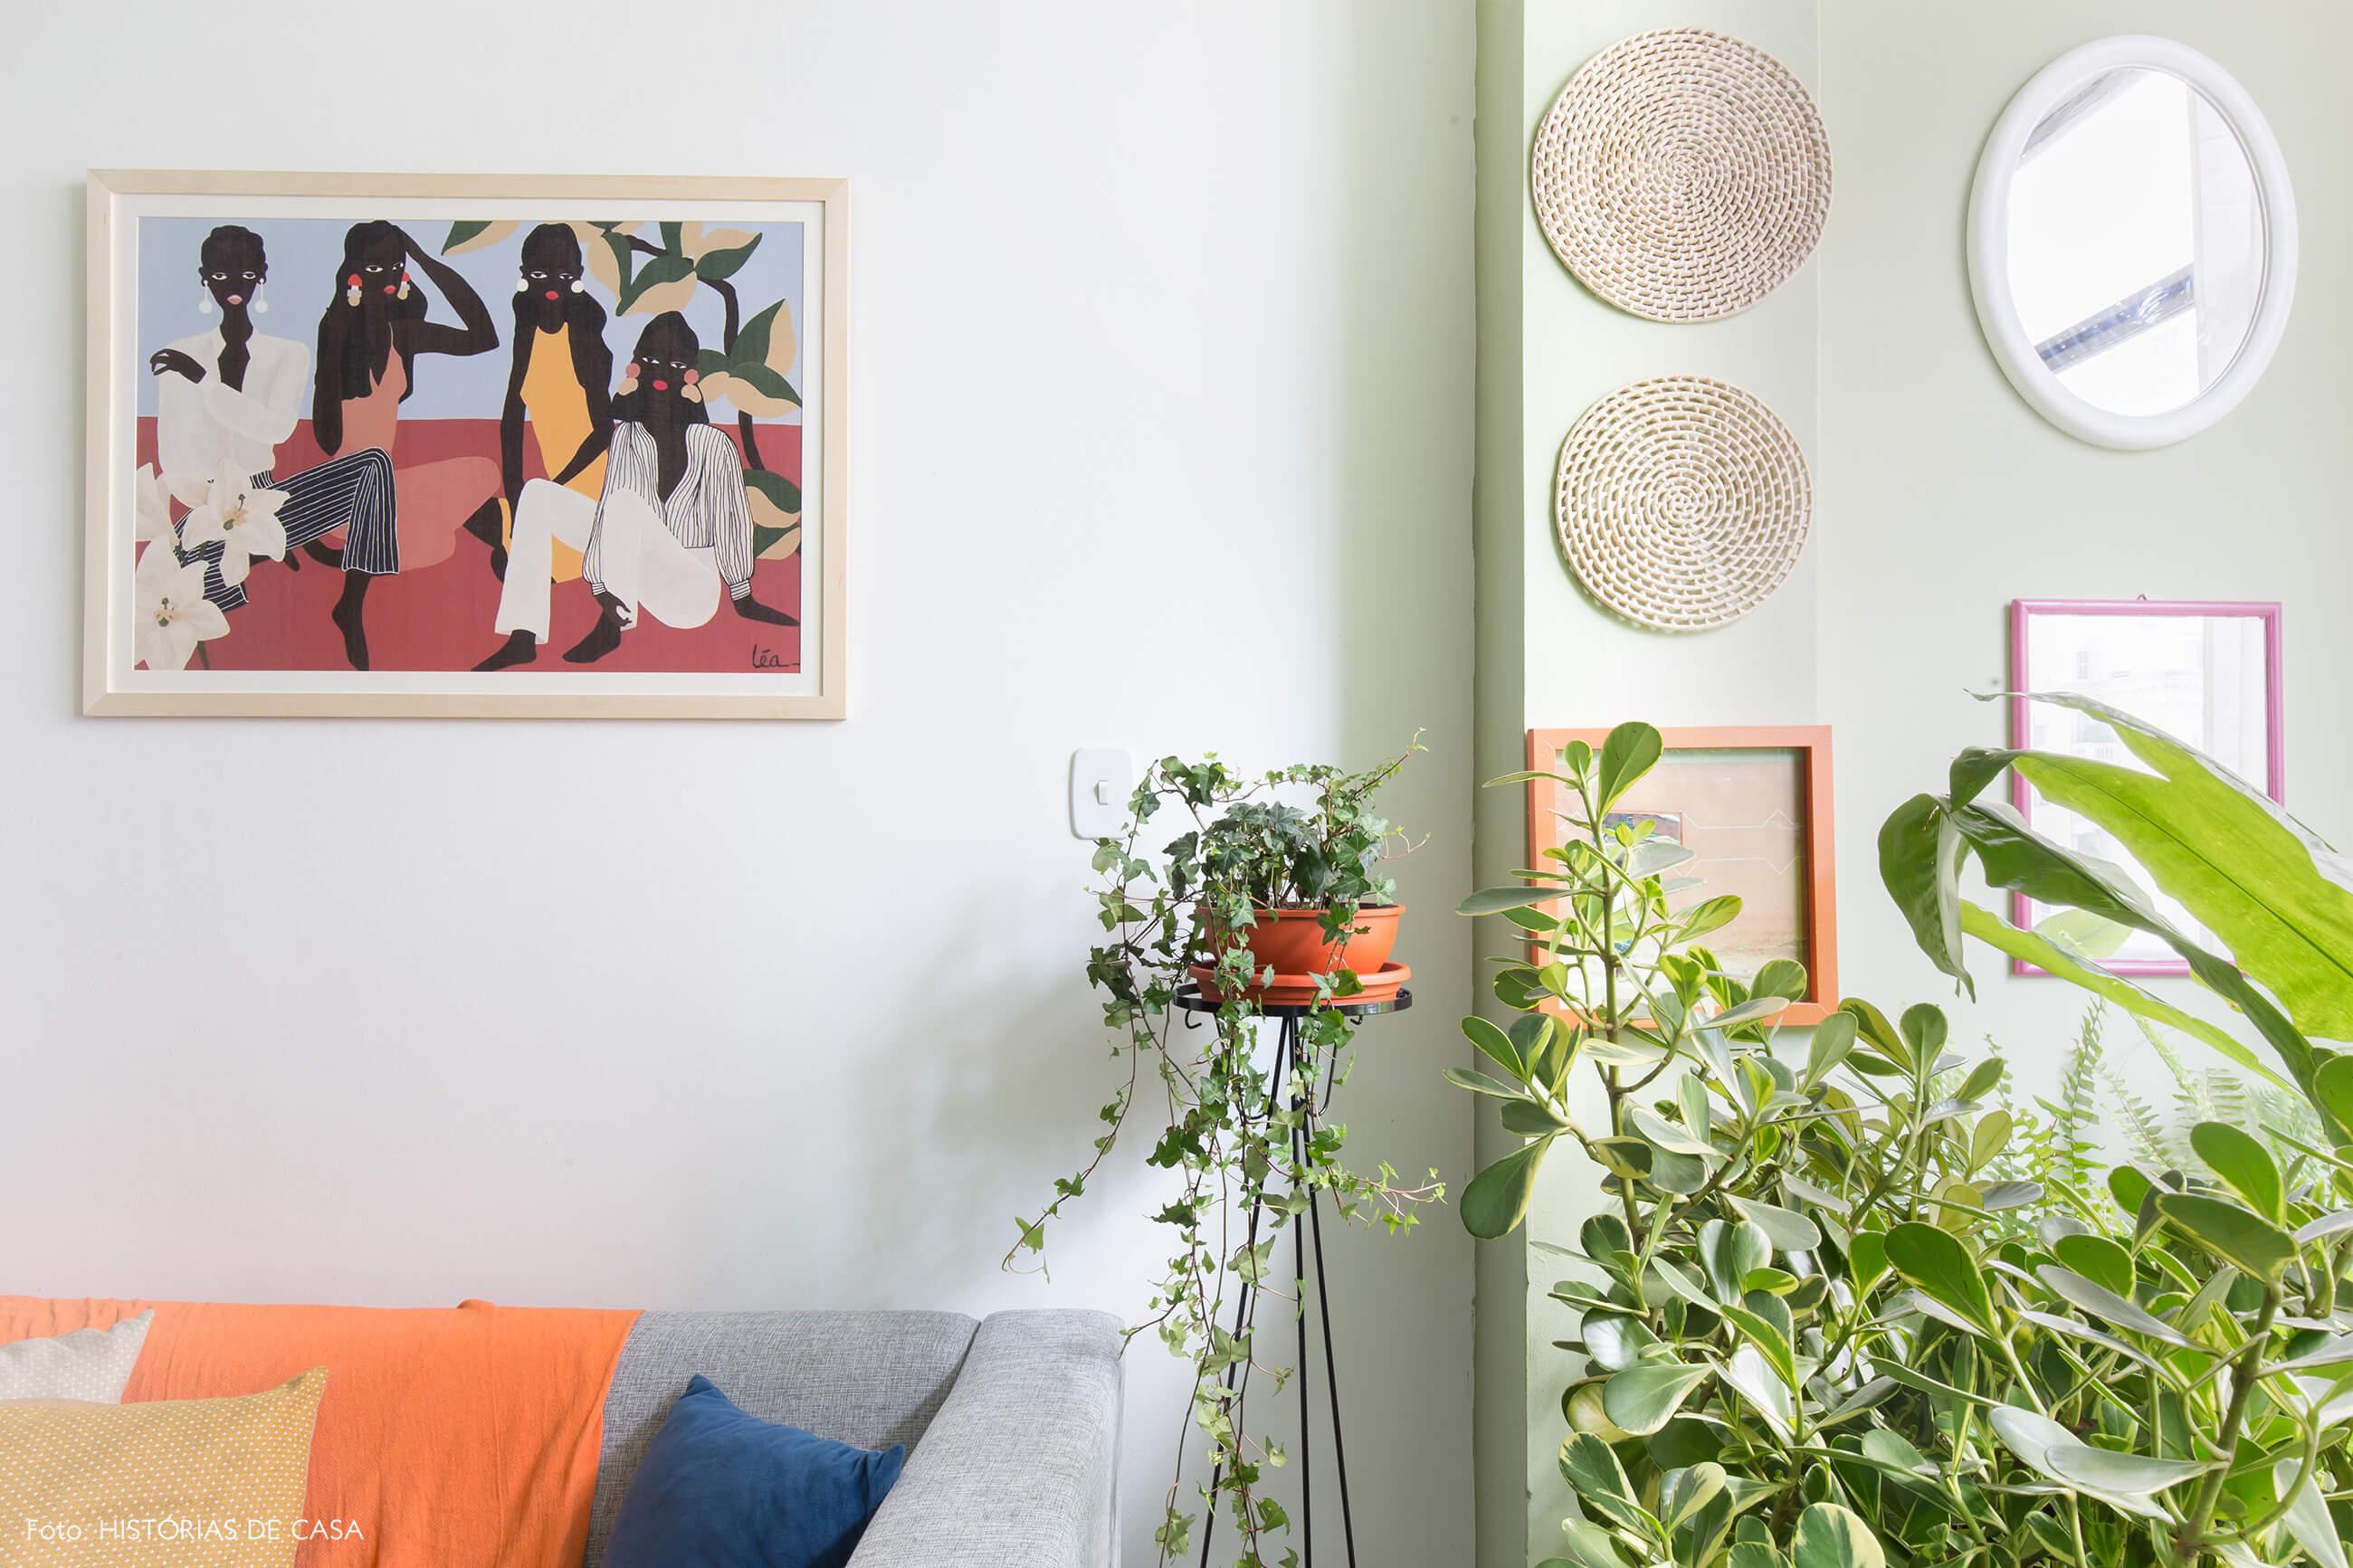 sala-quadro-pintura-parede-verde-sofa-cinza-almofadas-coloridas-plantas